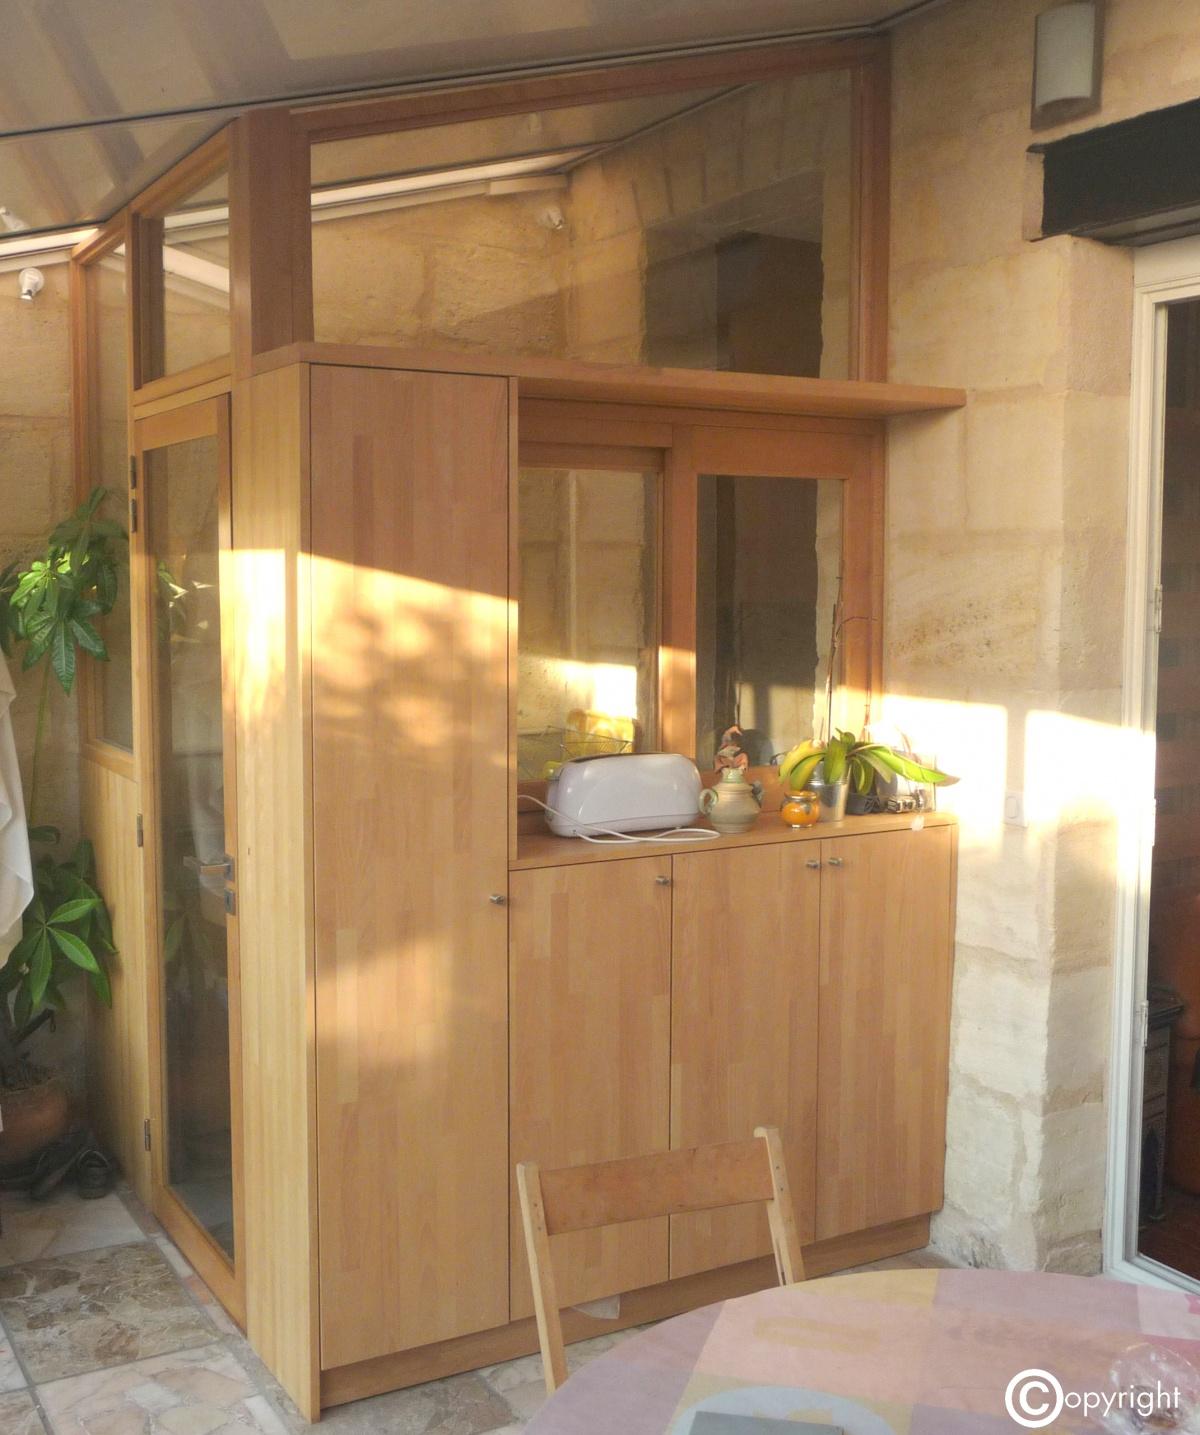 Réaménagement d'un rez-de chaussée d'une maison individuelle : P1030157.JPG